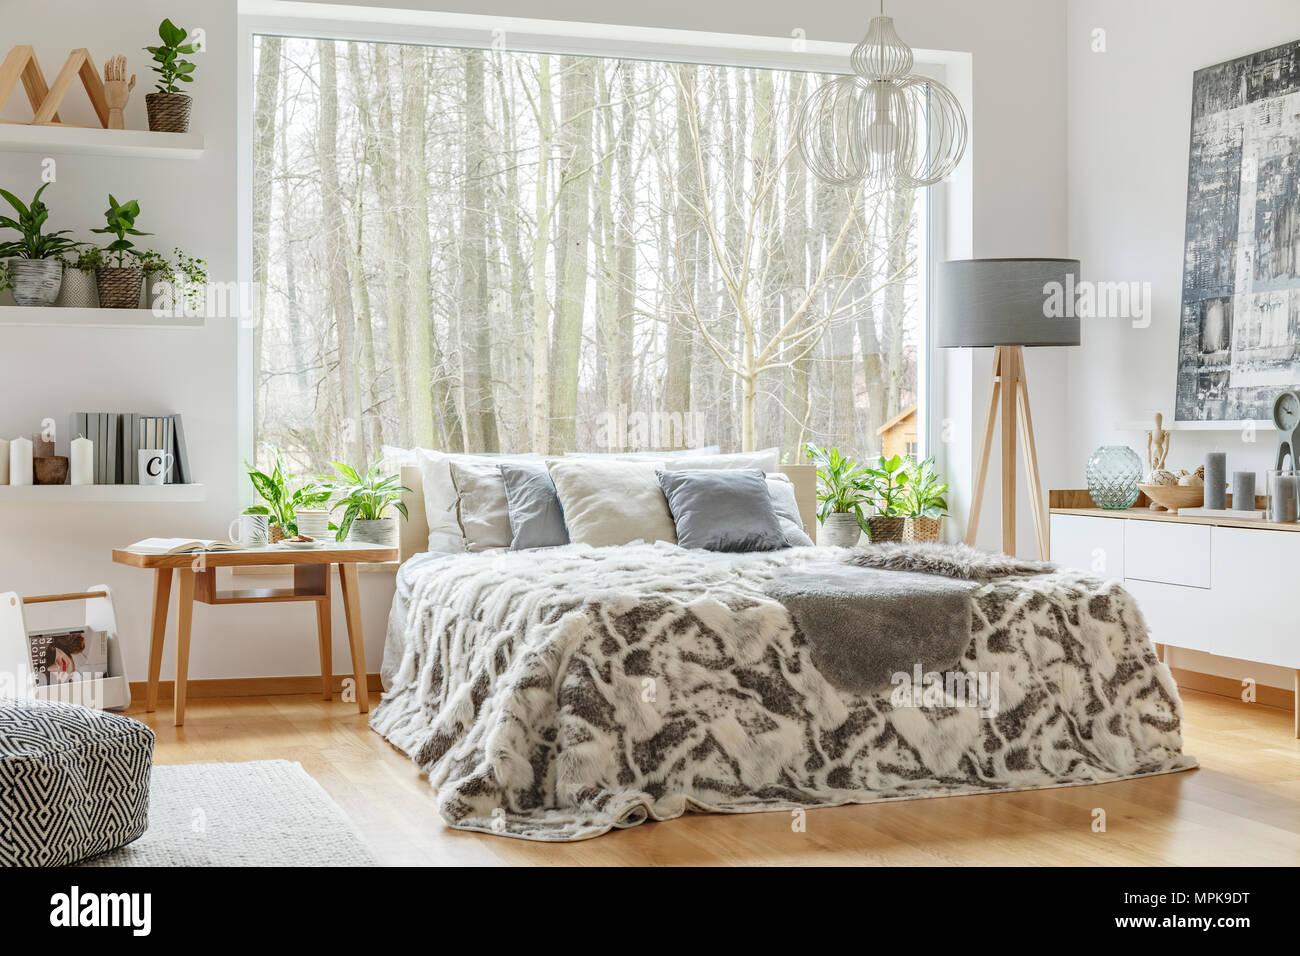 Geraumige Gemutliche Schlafzimmer Mit Einem King Size Bett Mit